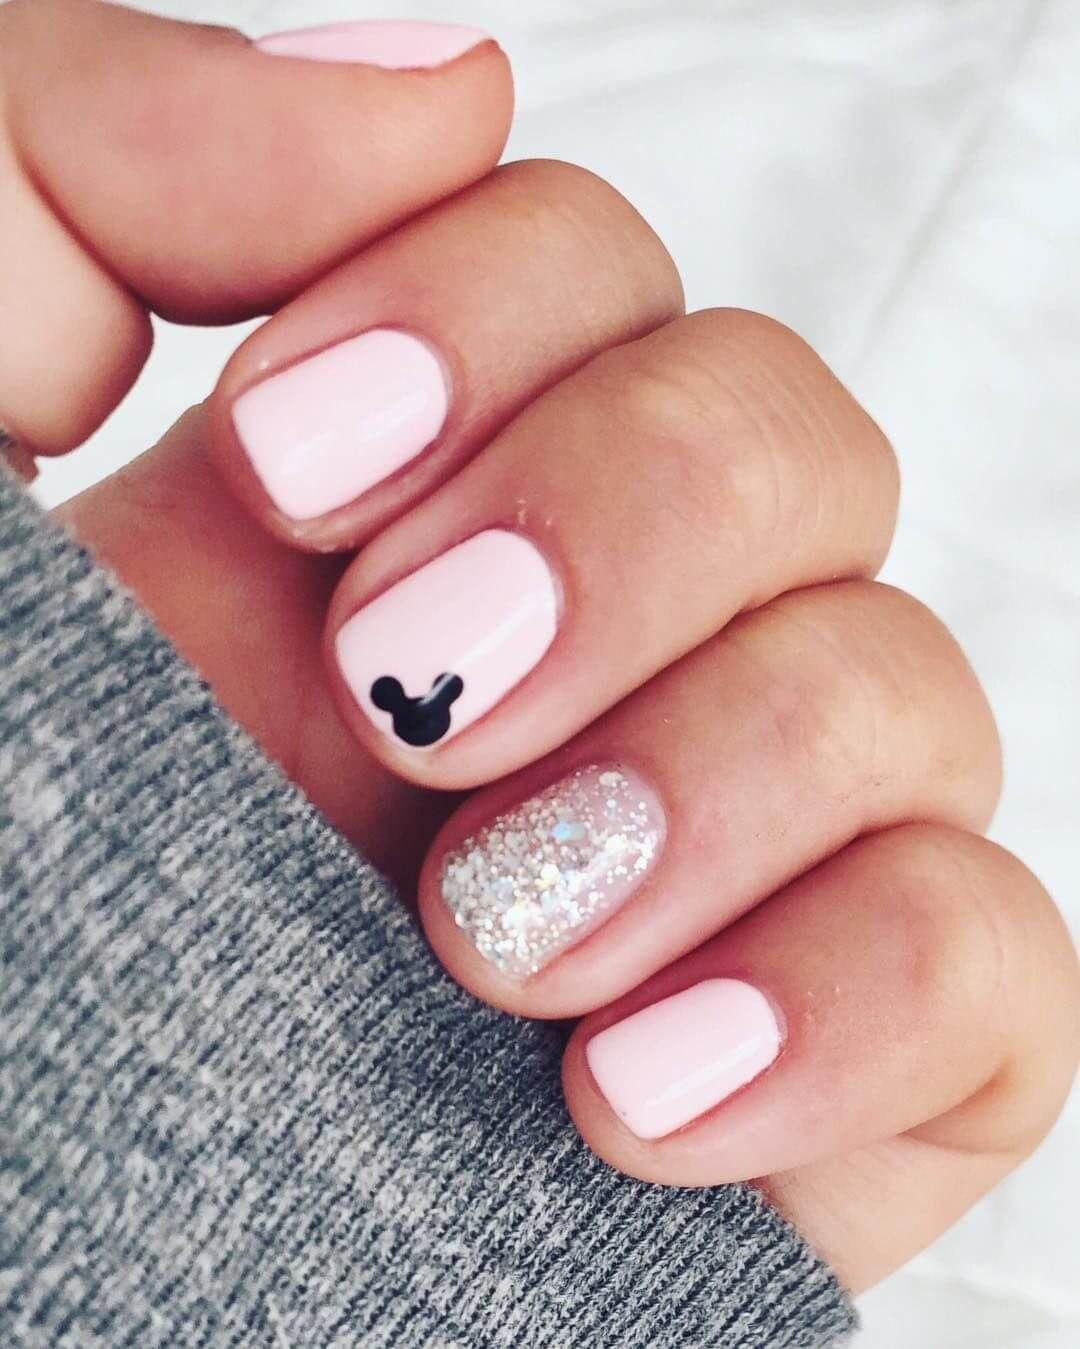 Unas Sencillas De Disney Para Ninas Unasparaninas Nailart Nails Manicura Manicure Girls Manicura Para Unas Cortas Manicura De Unas Manicura Para Ninas